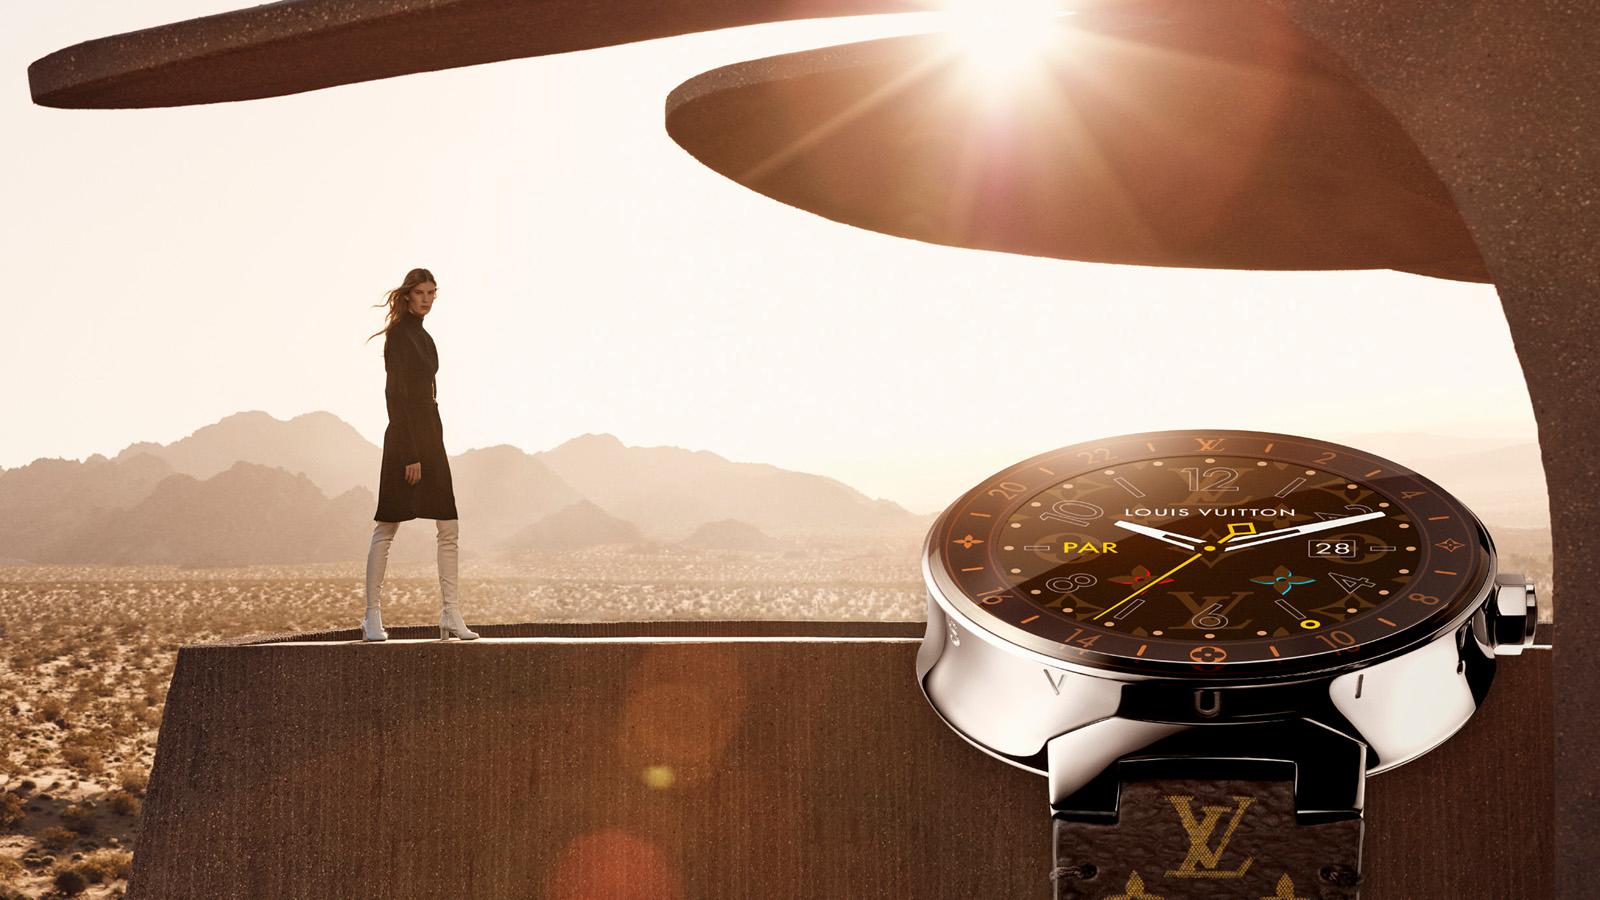 Louis Vuitton vytvořil Android Wear hodinky za 56 000 Kč